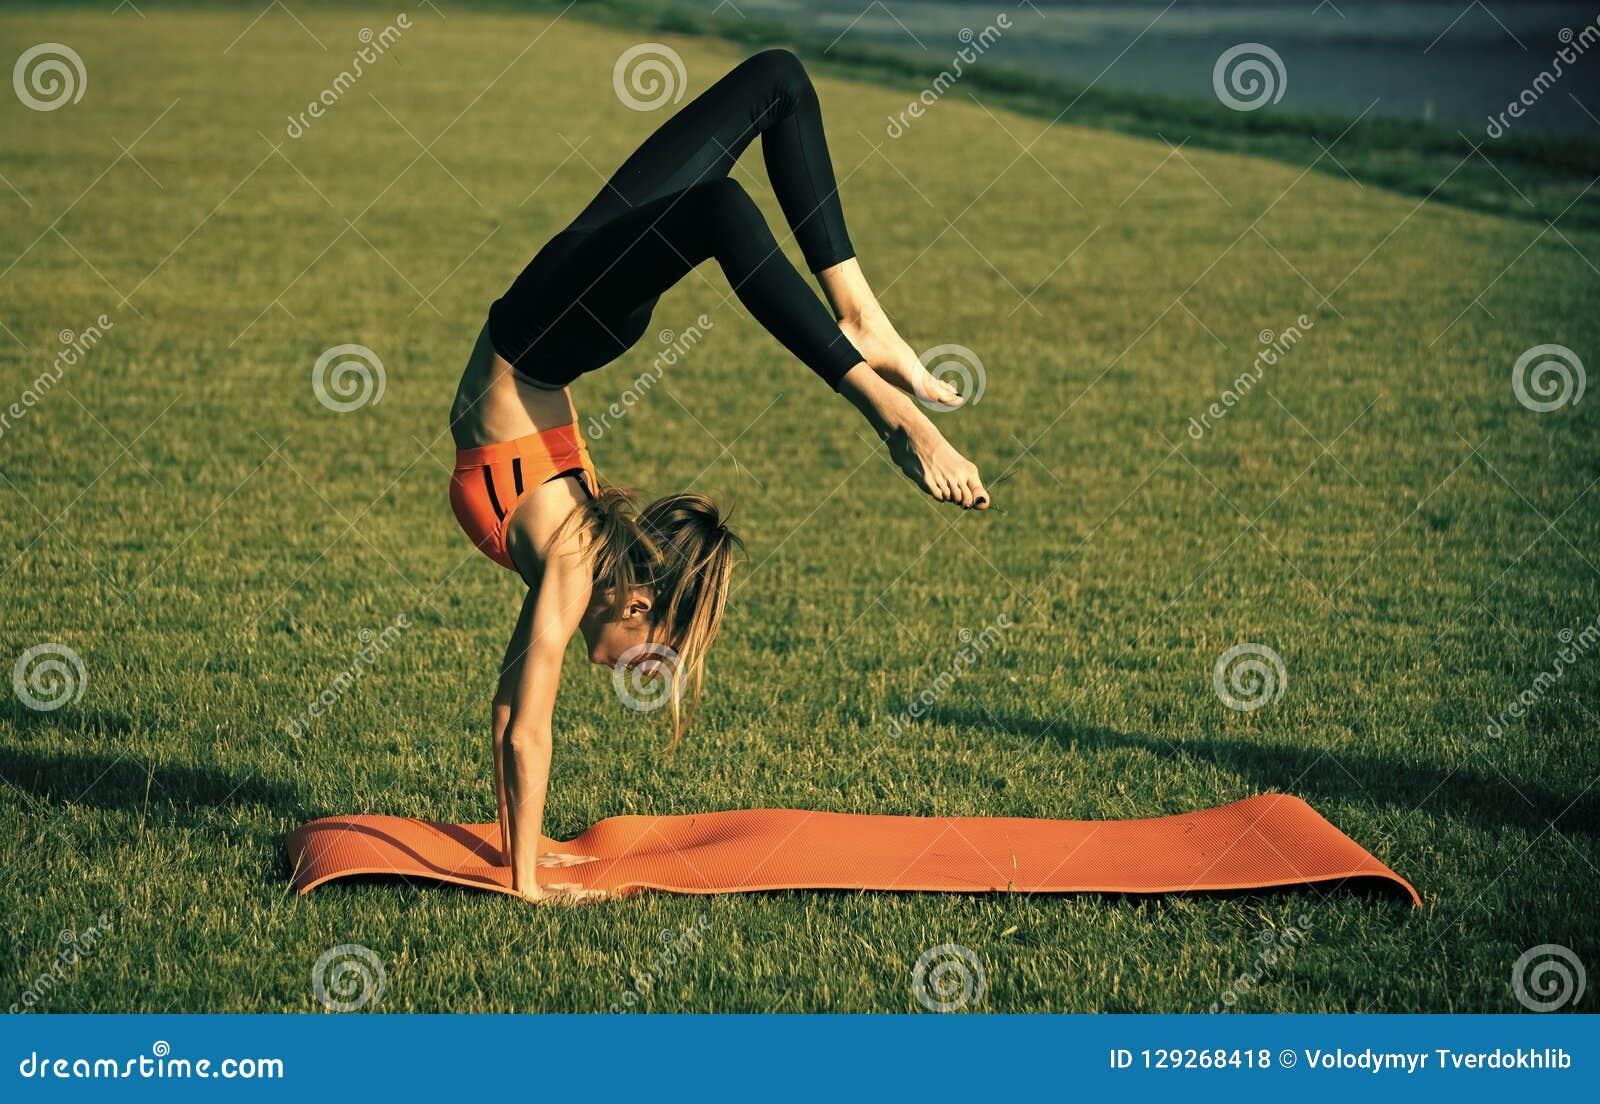 Actividad, energía, enérgica